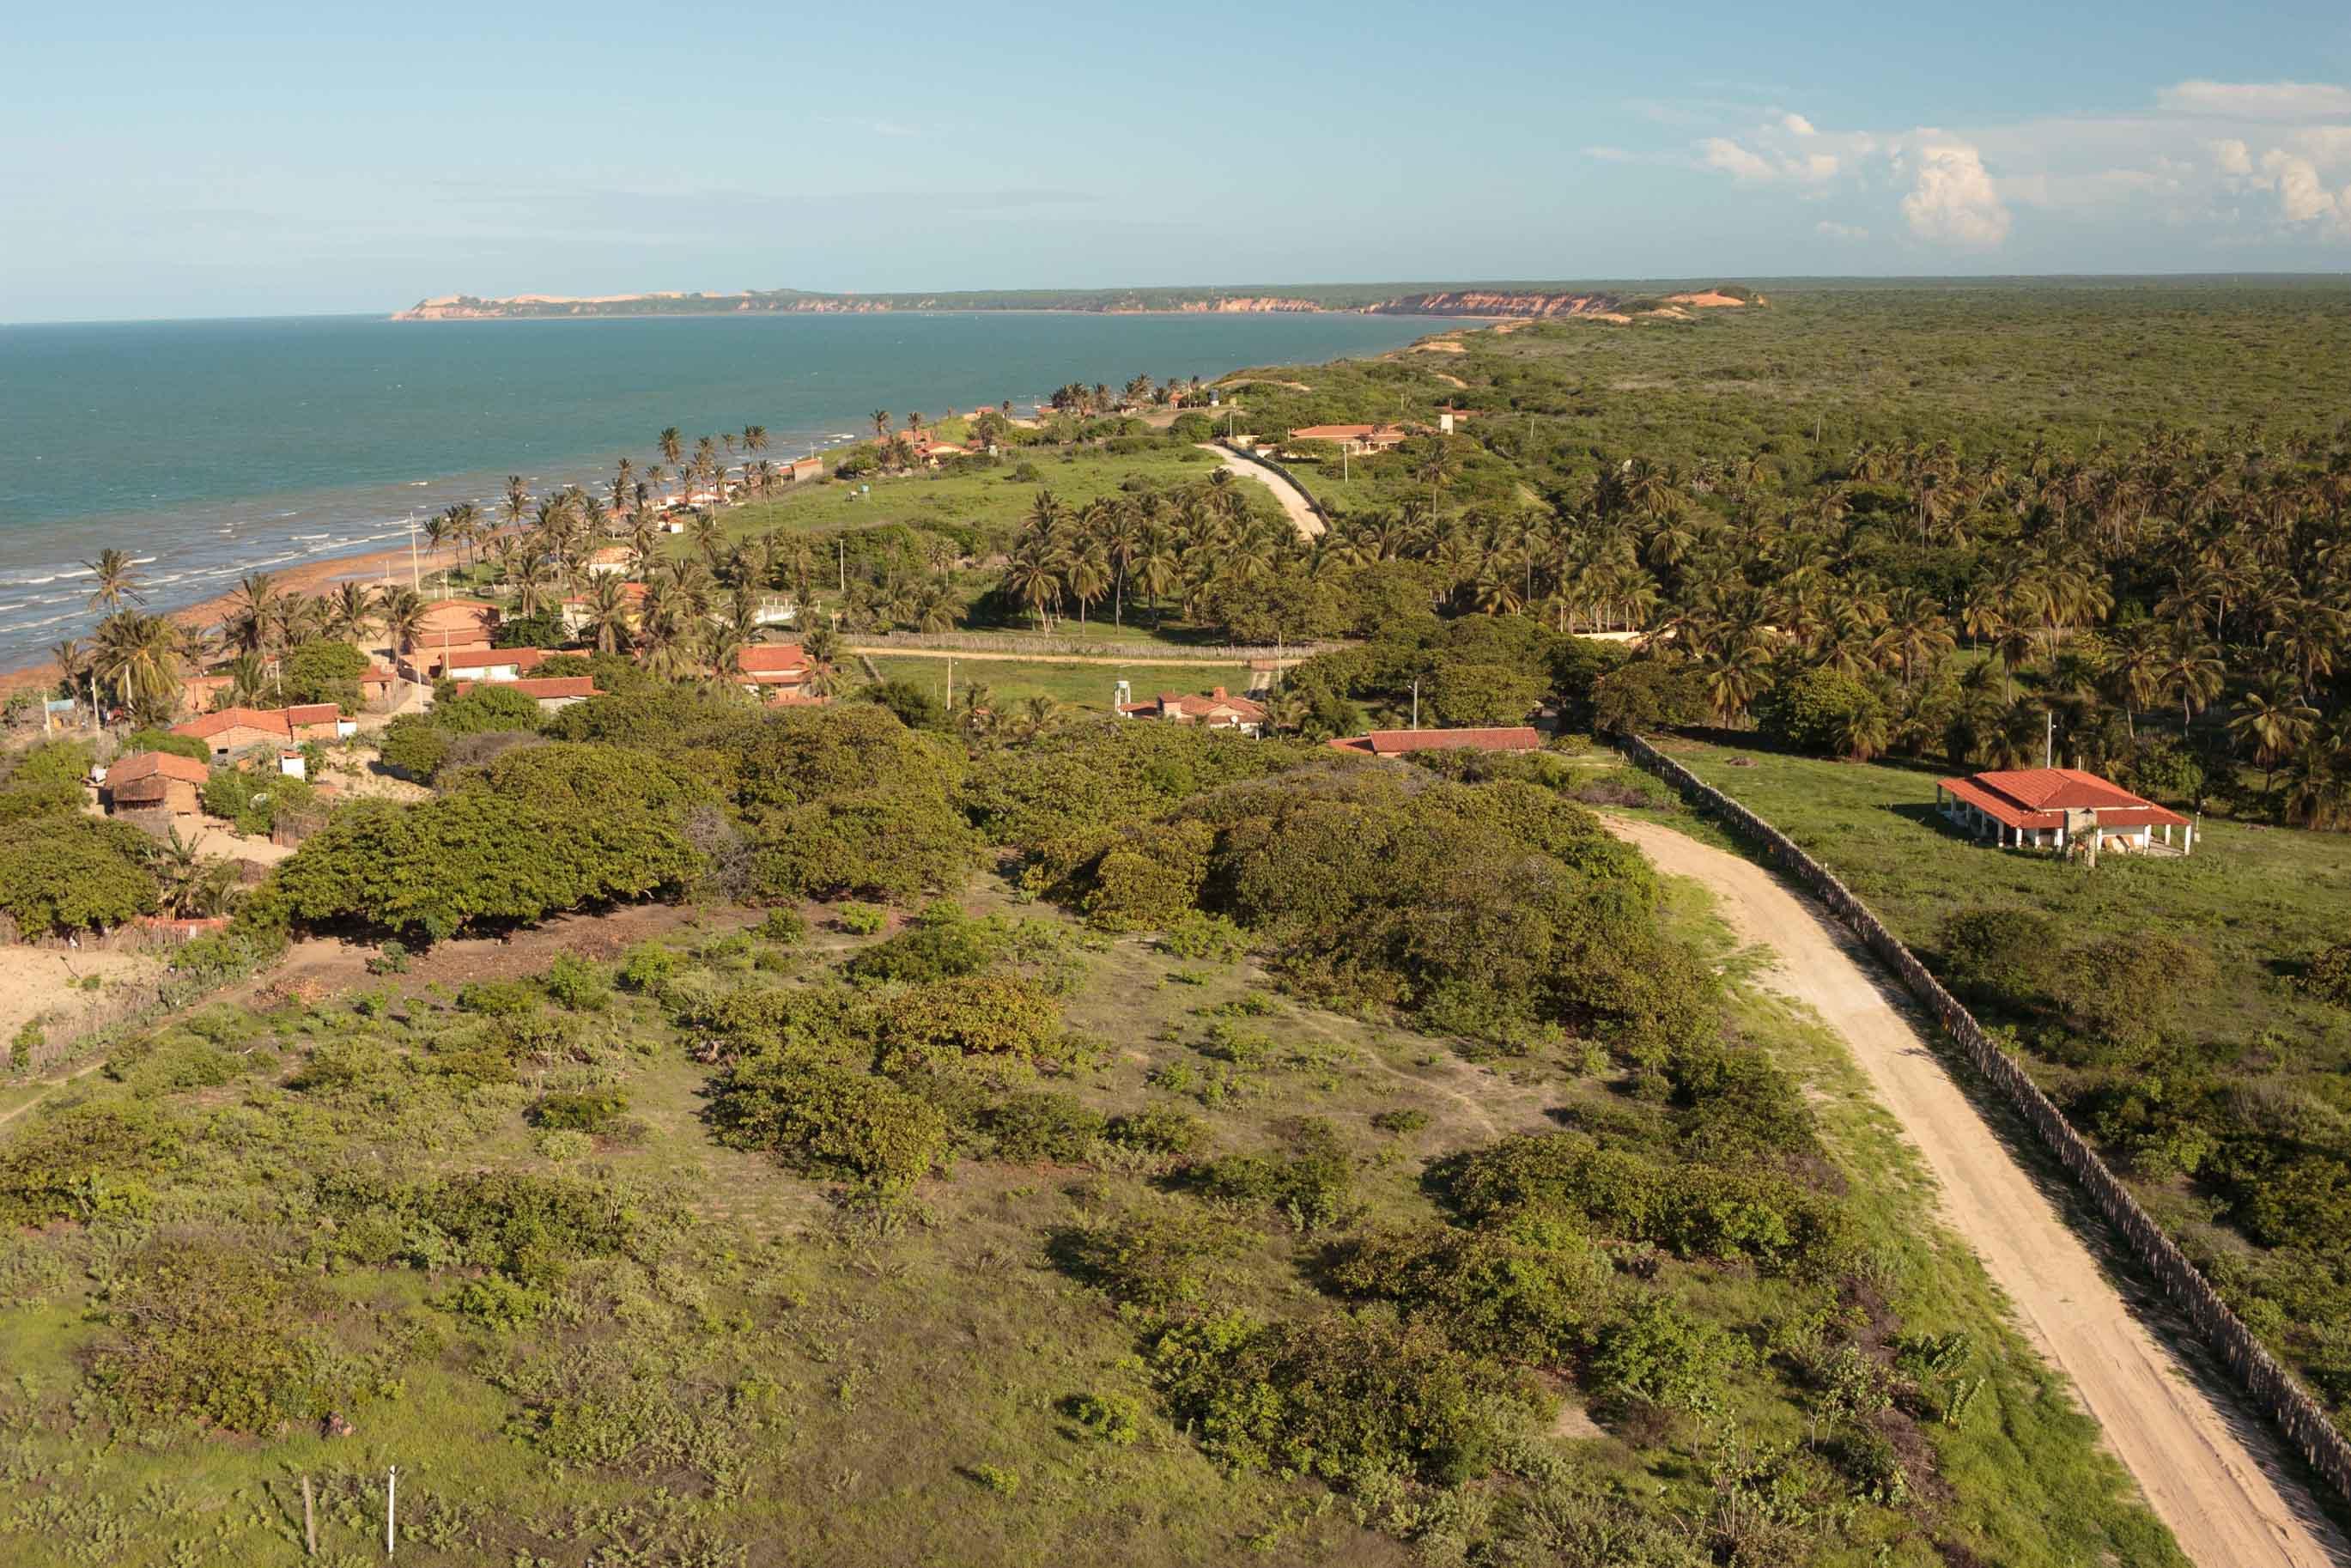 Praia do Retirinho - colonia de pescadores